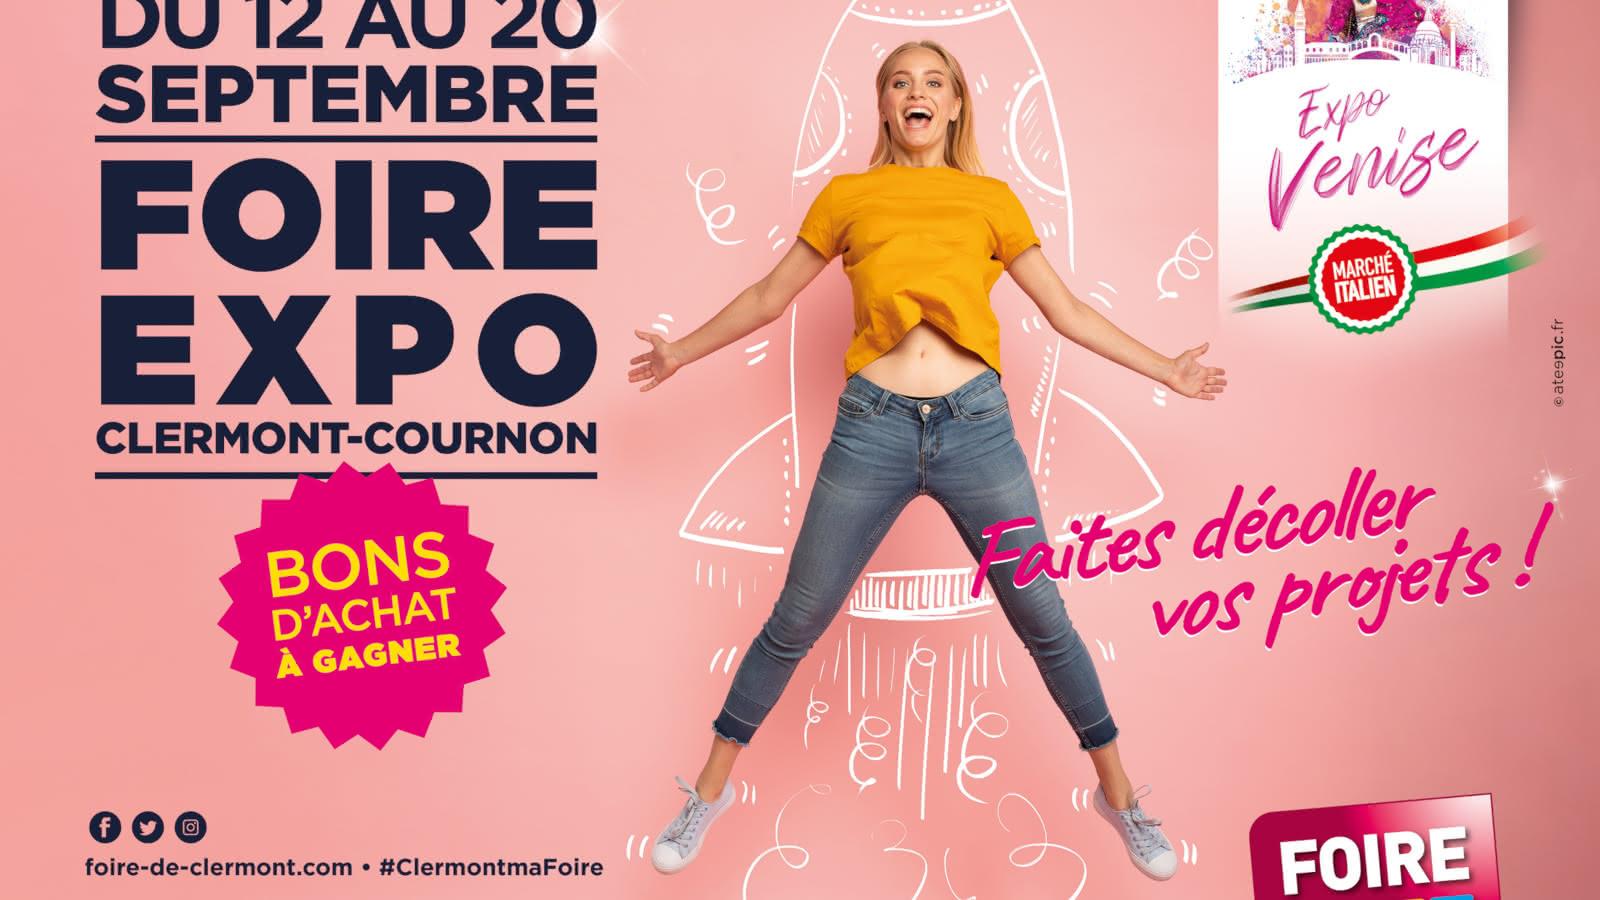 © Foire Expo de Clermont-Cournon